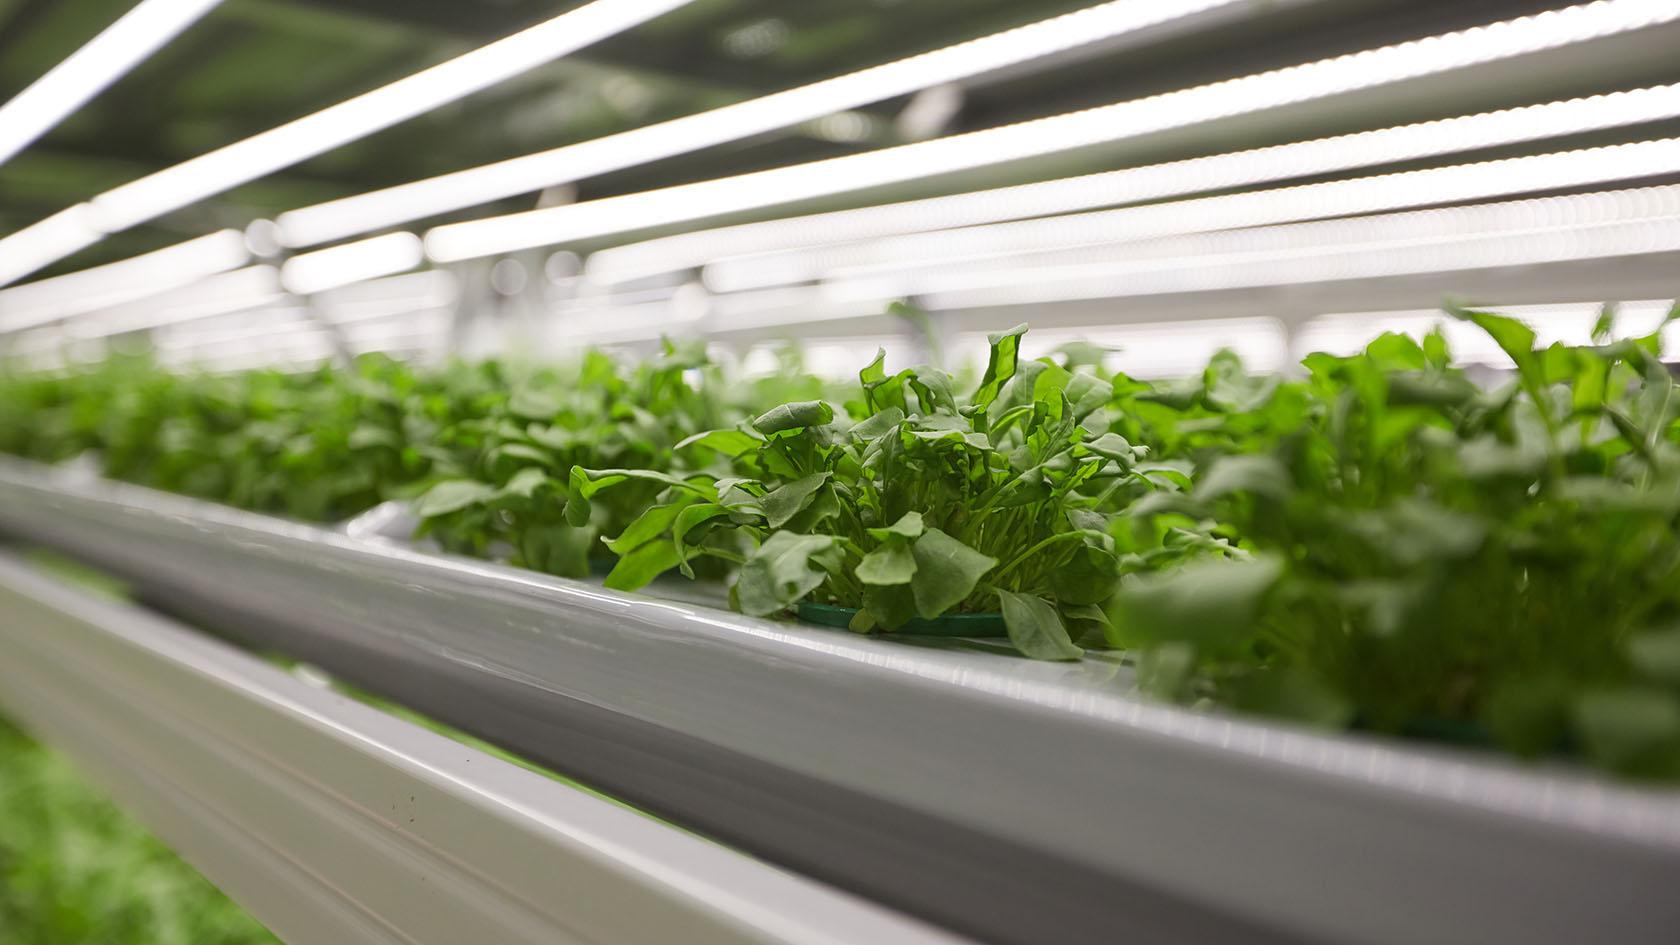 Гидропонная ферма и магазин открываются в Бирмингеме